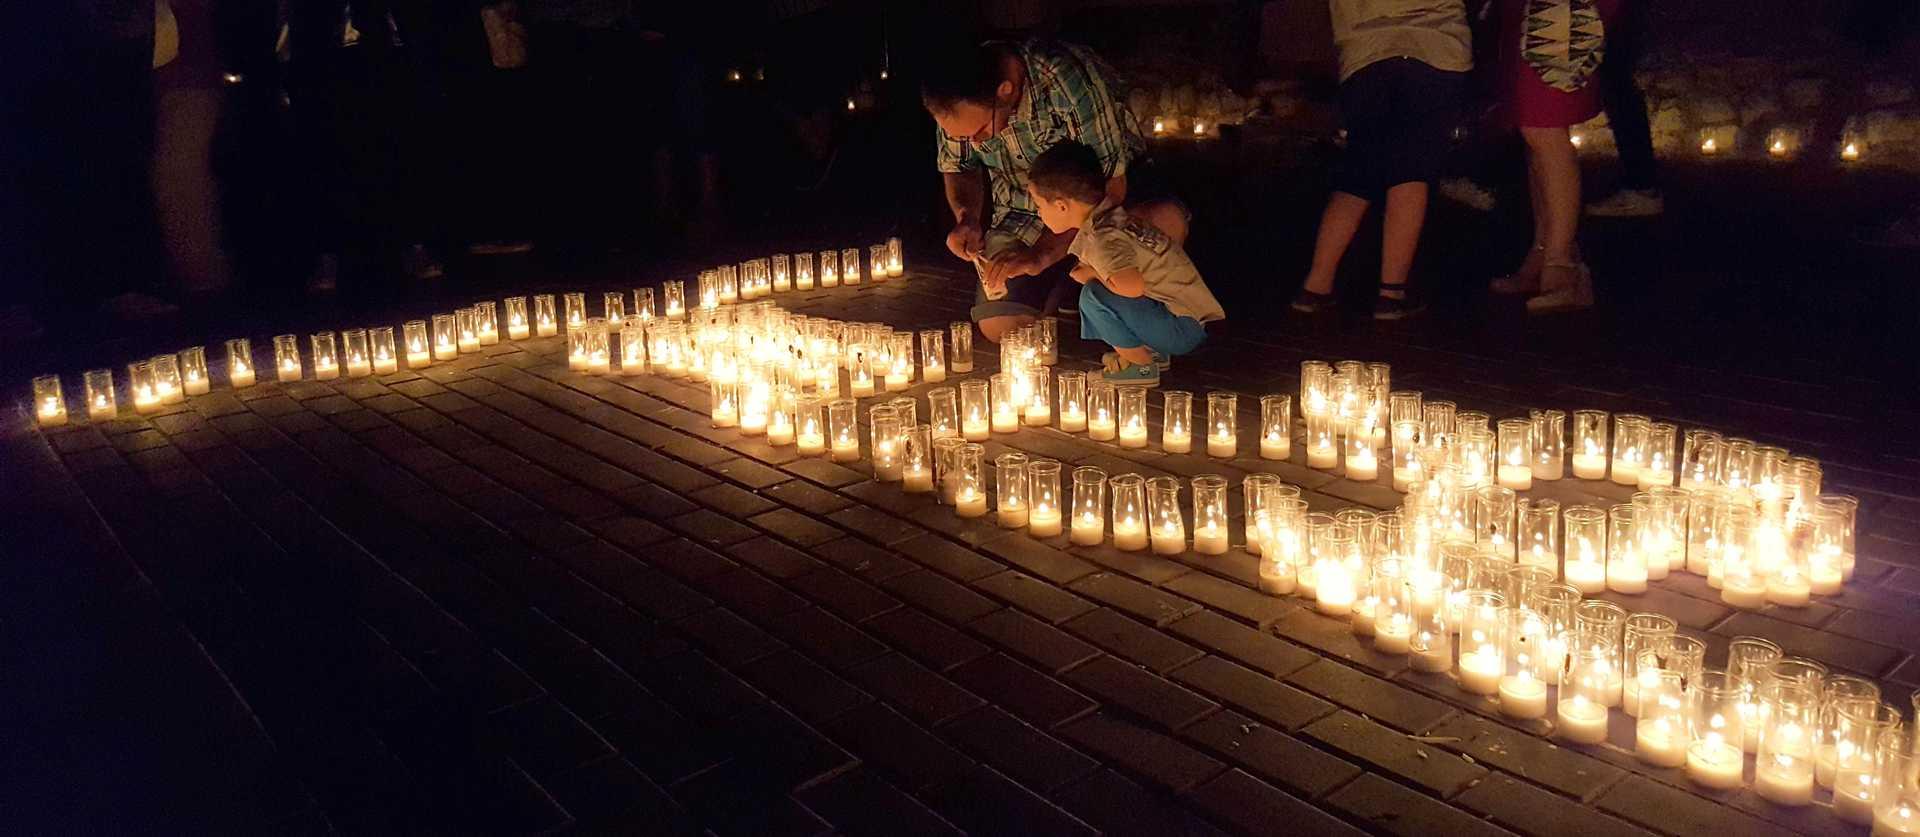 Noche de las Velas in Titaguas